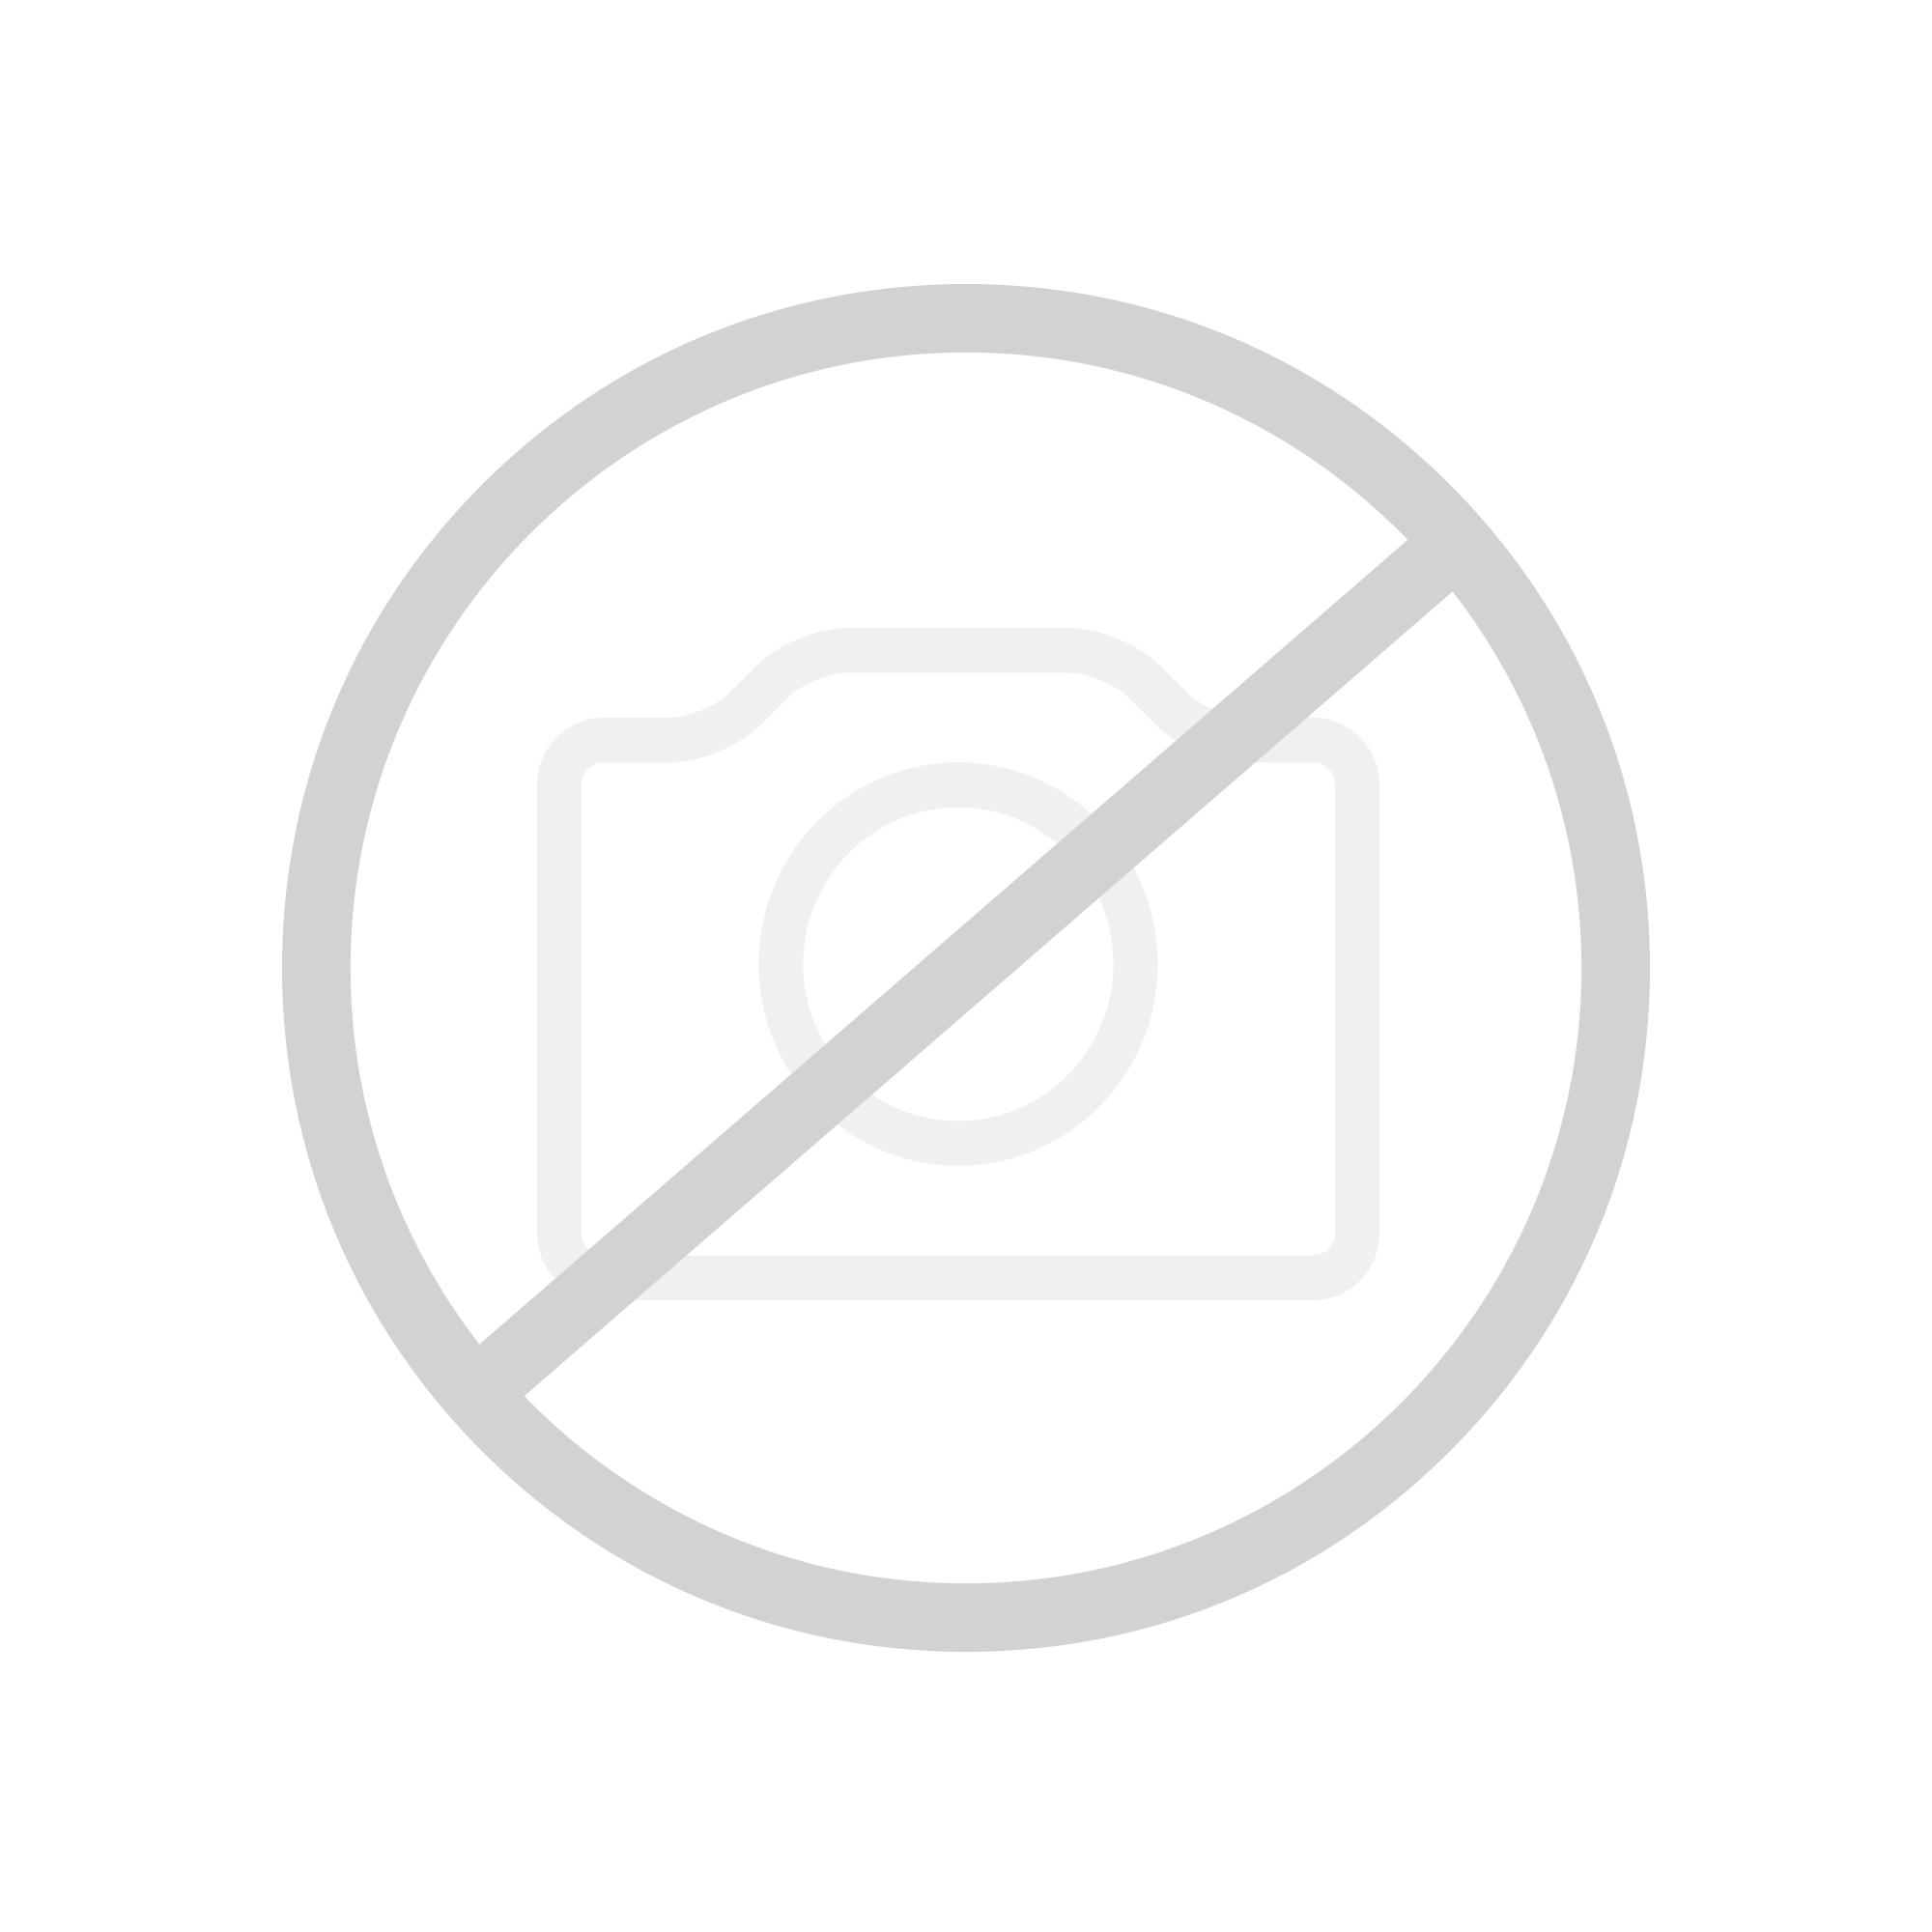 LCD 5052 Wandleuchte